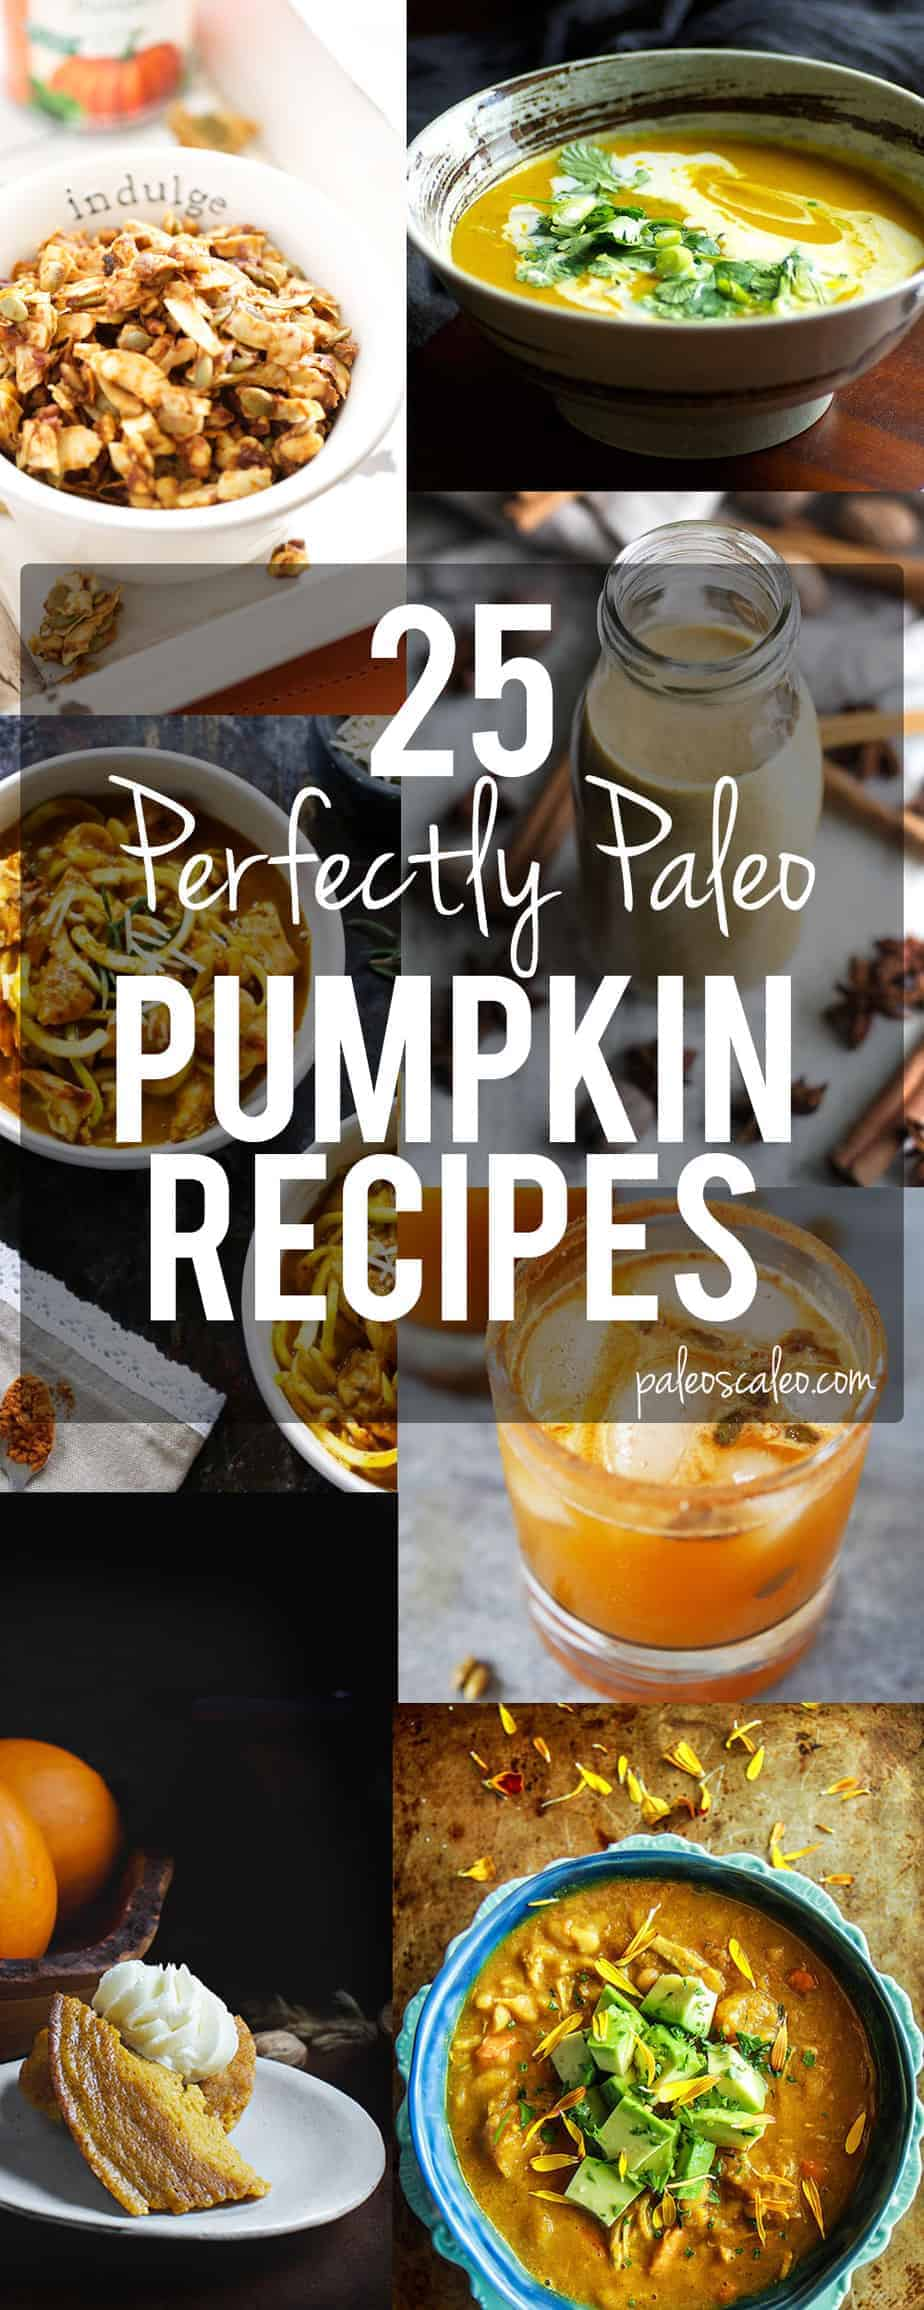 25 Perfectly Paleo Pumpkin Recipes | PaleoScaleo.com